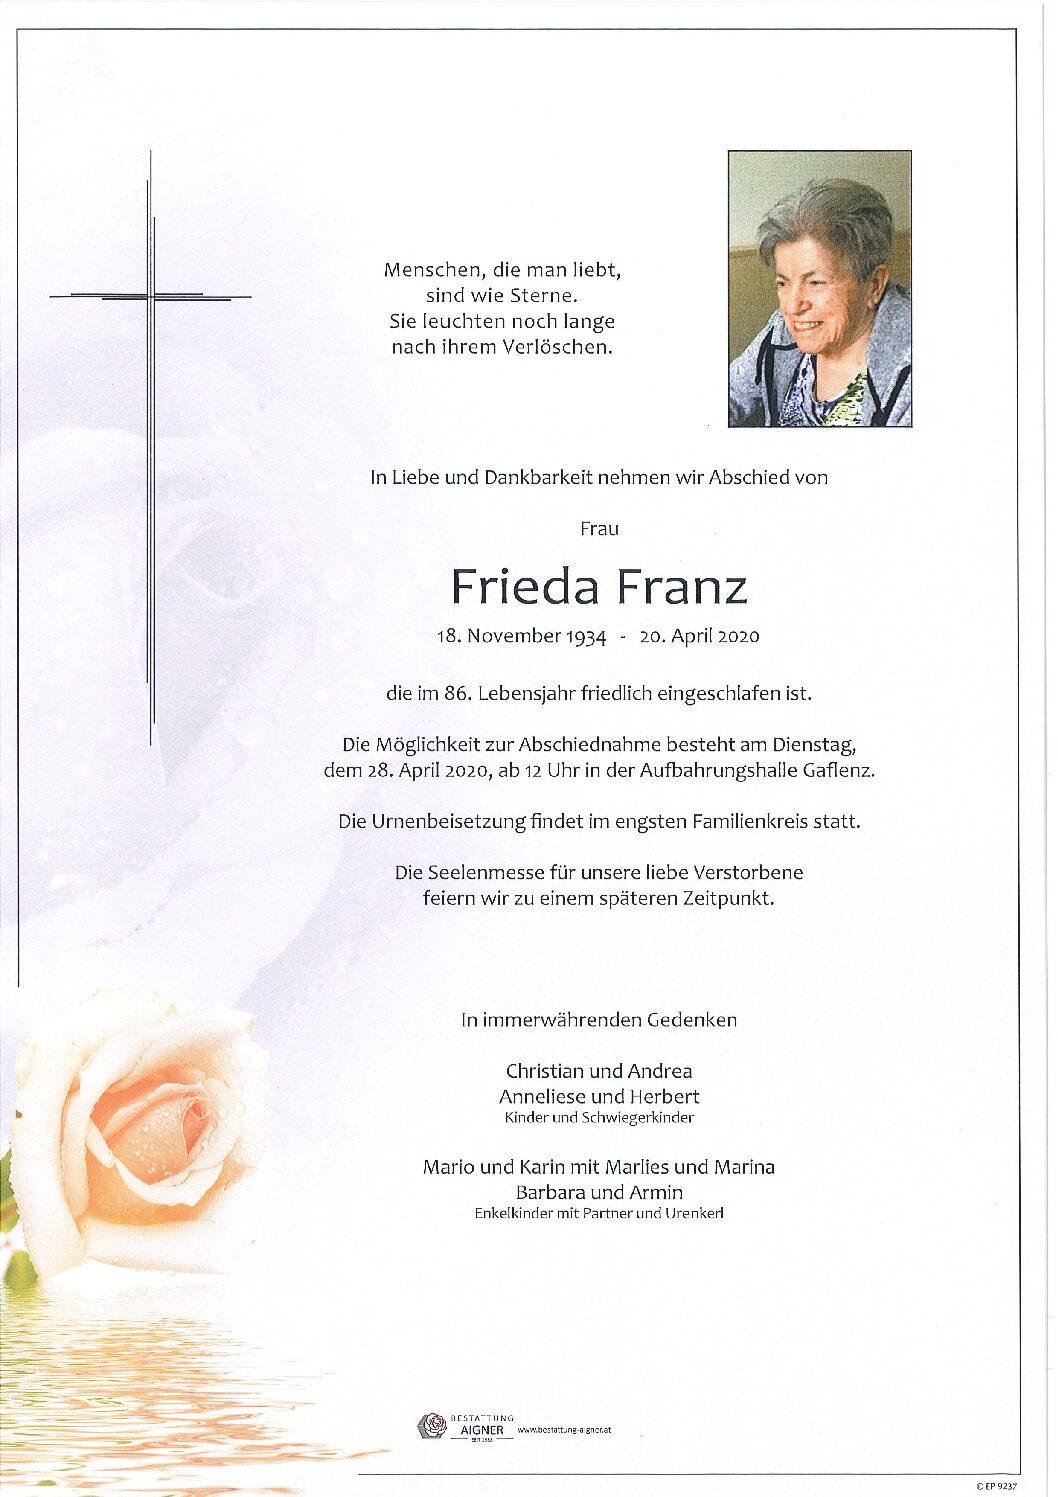 Frieda Franz